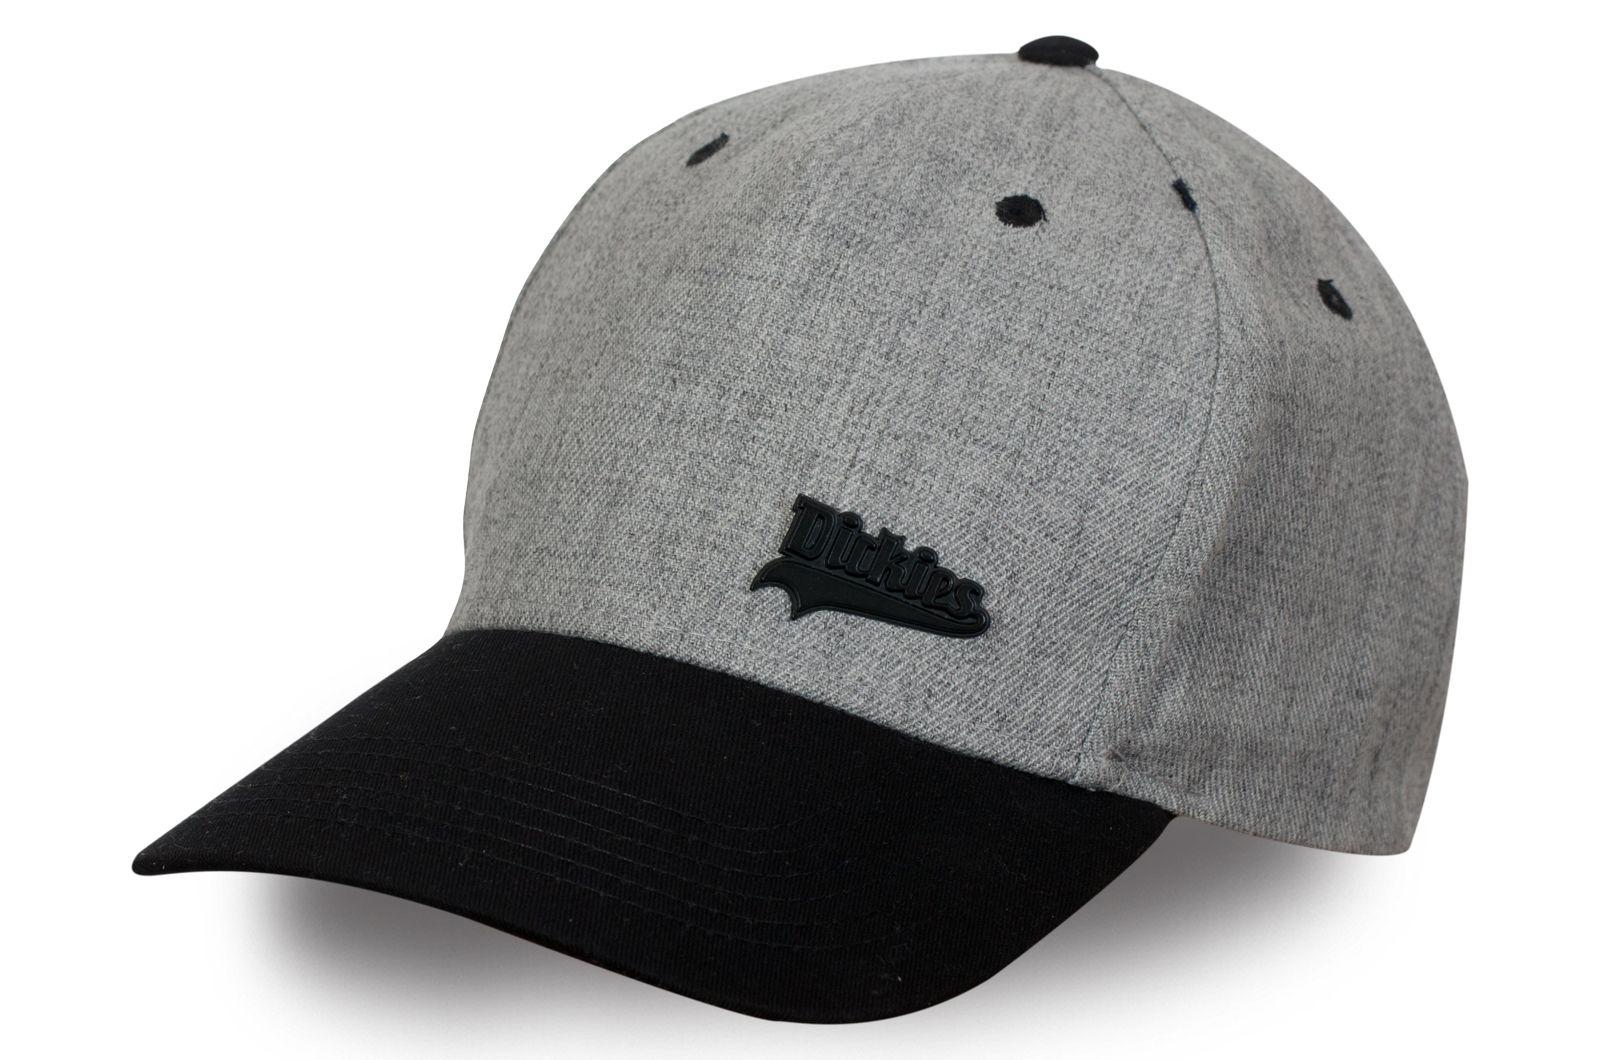 Мужская весенняя кепка Dickies - купить по экономной цене